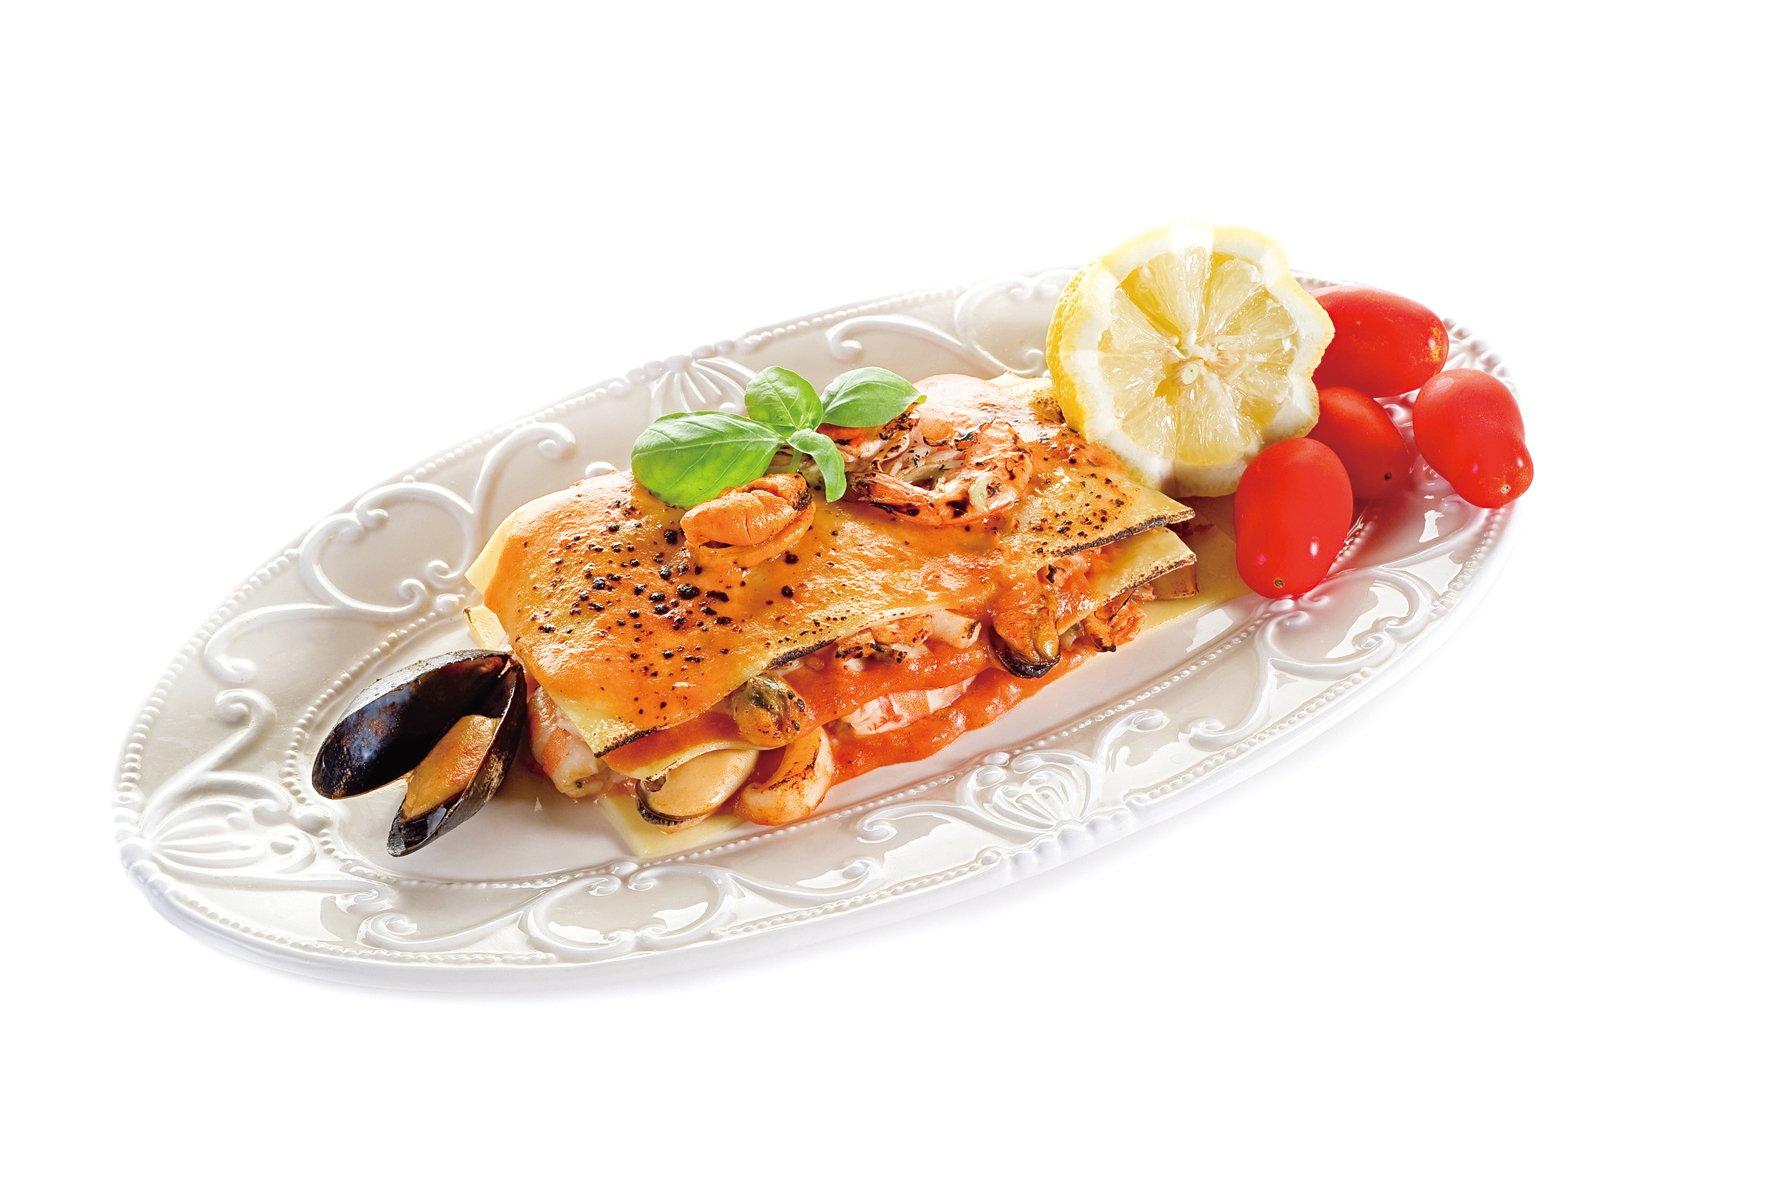 千層麵是用寬麵條分層夾入芝士、肉、蔬菜和不同醬汁。